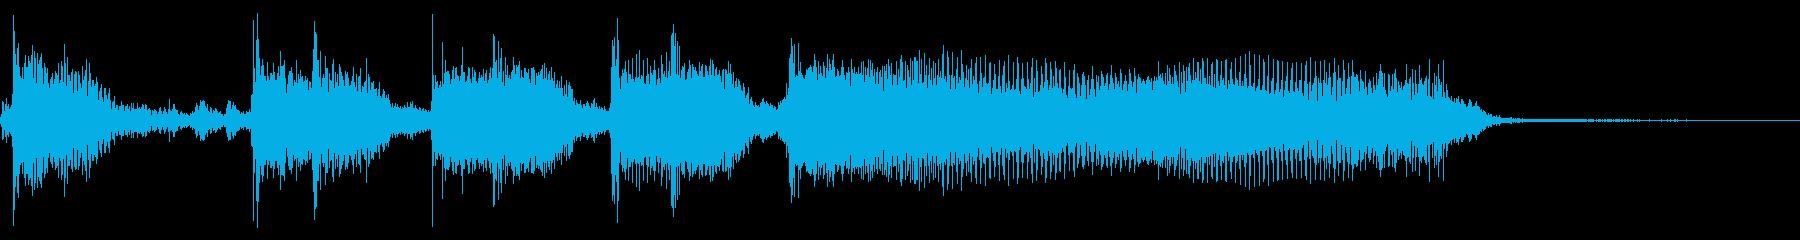 インパクトあるロックなジングル03の再生済みの波形